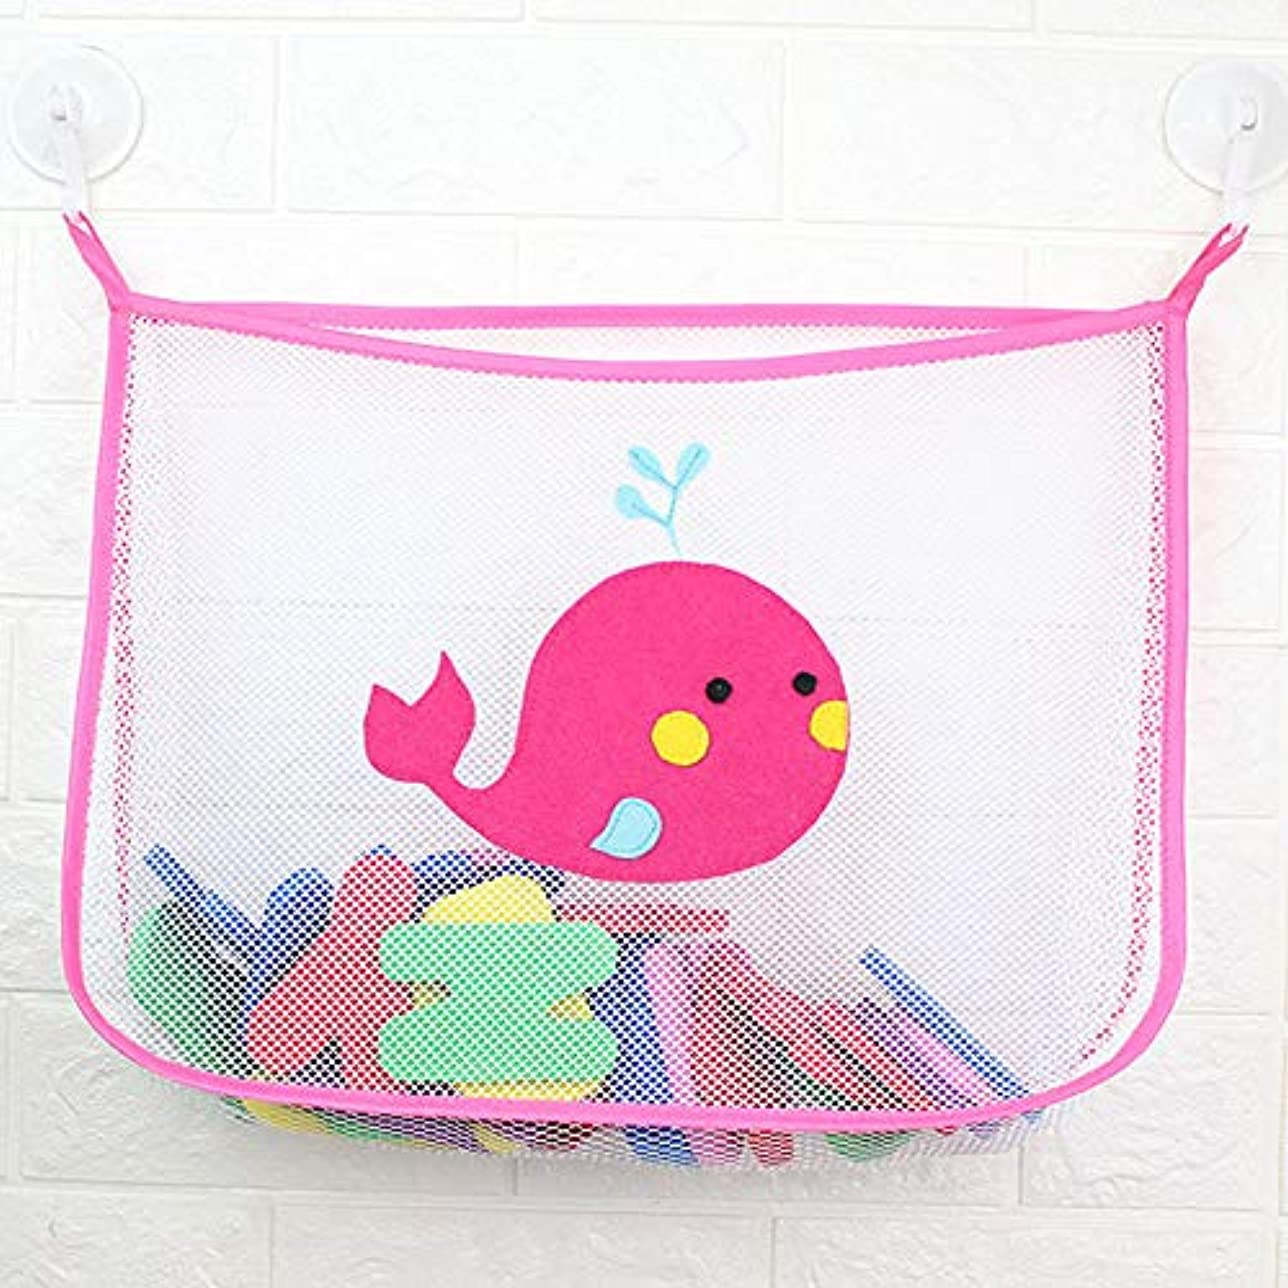 なめらかな公爵夫人証言ベビーシャワー風呂のおもちゃ小さなアヒル小さなカエルの赤ちゃん子供のおもちゃ収納メッシュで強い吸盤玩具バッグネット浴室オーガナイザー (ピンク)